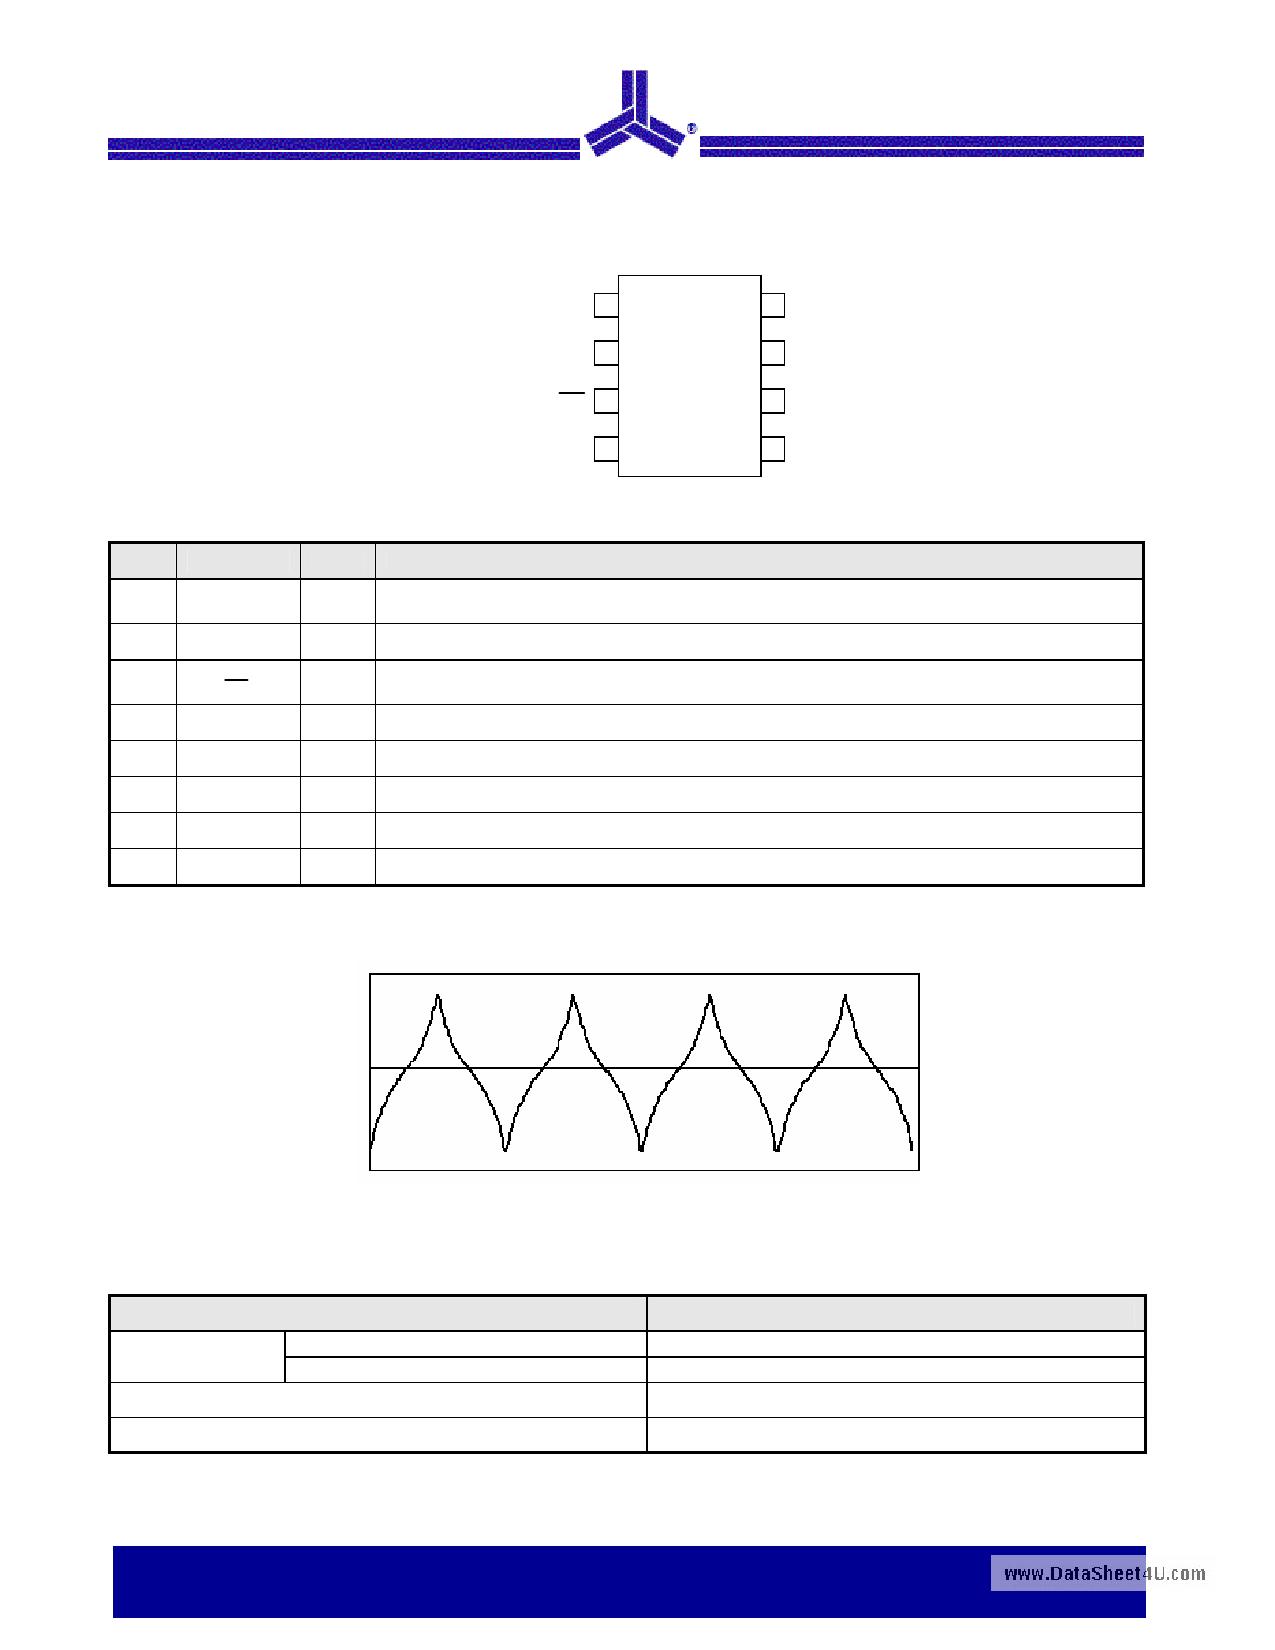 ASM3P2760A pdf, ピン配列